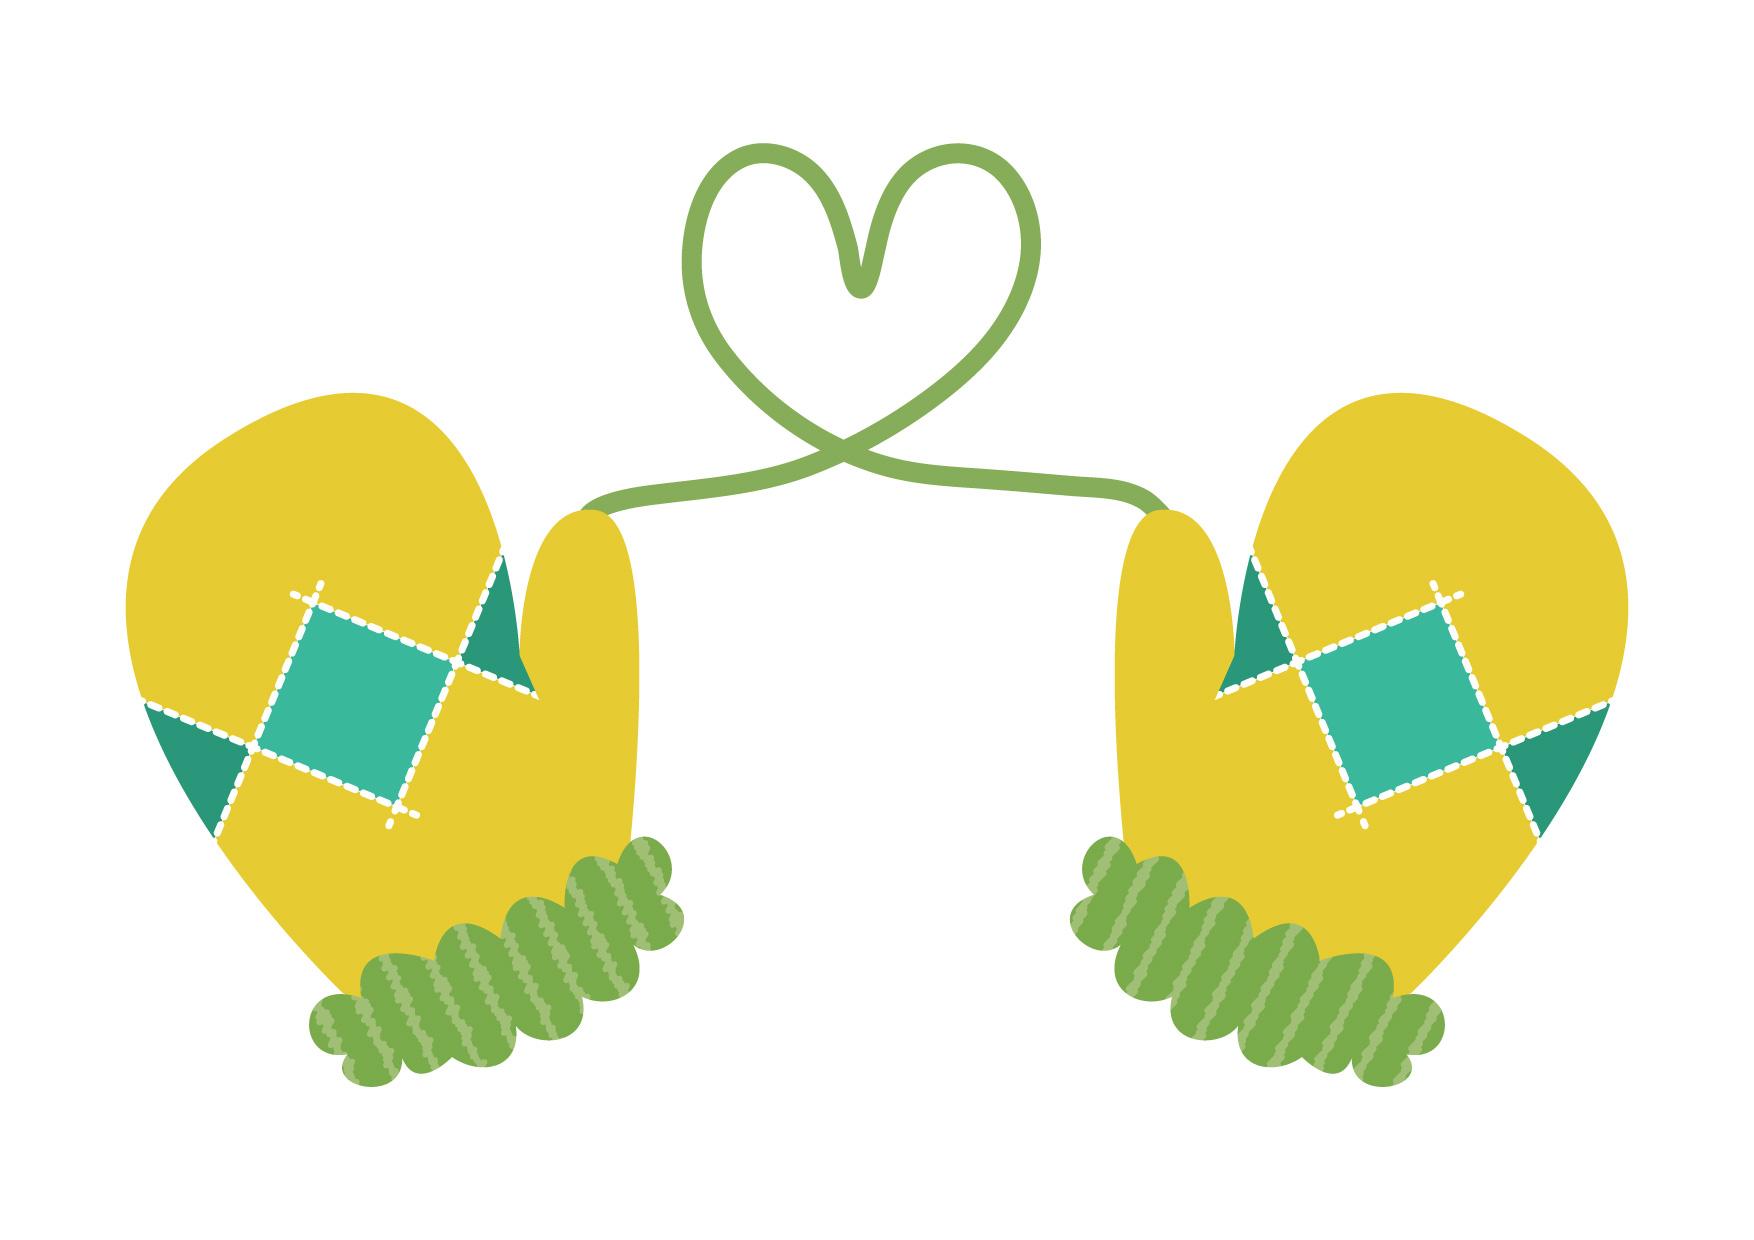 可愛いイラスト無料|手袋 ハート 黄色 − free illustration Gloves heart yellow